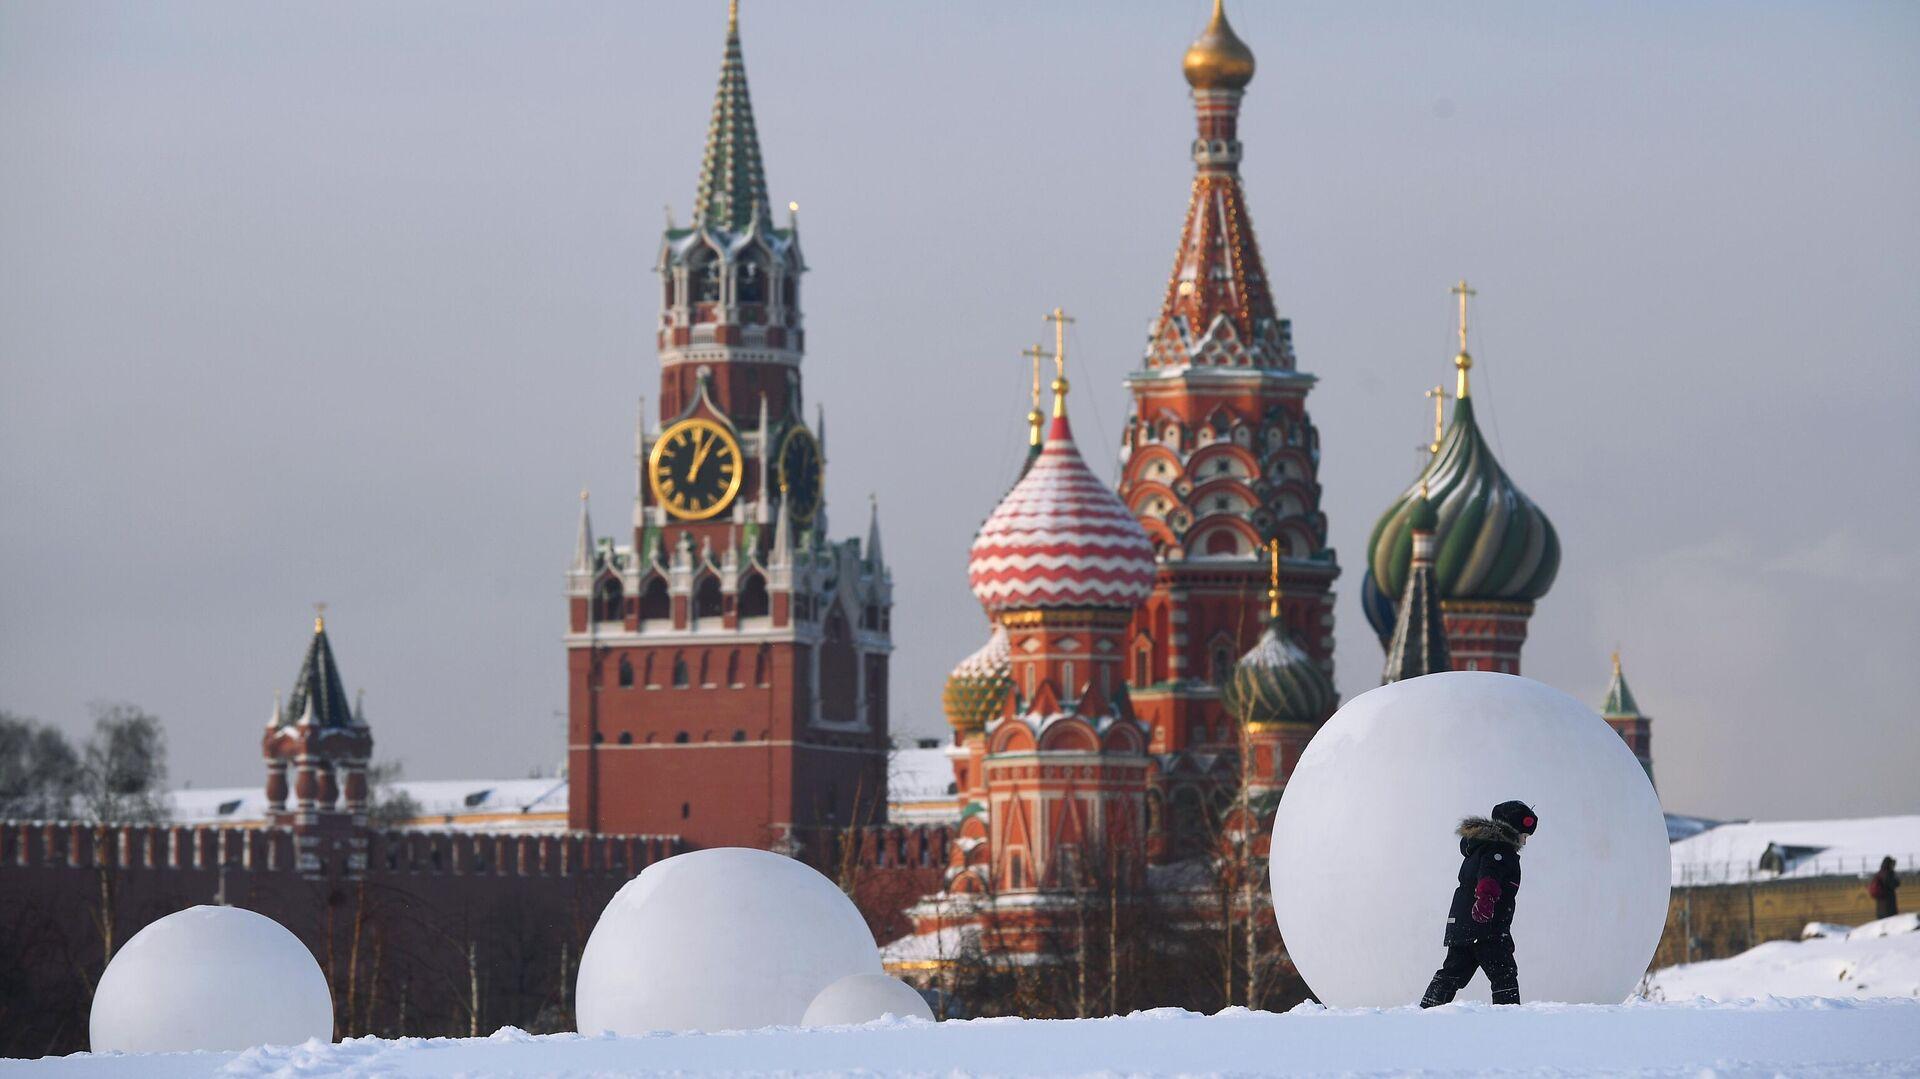 Покровский собор и Спасская башня Кремля - РИА Новости, 1920, 03.02.2021